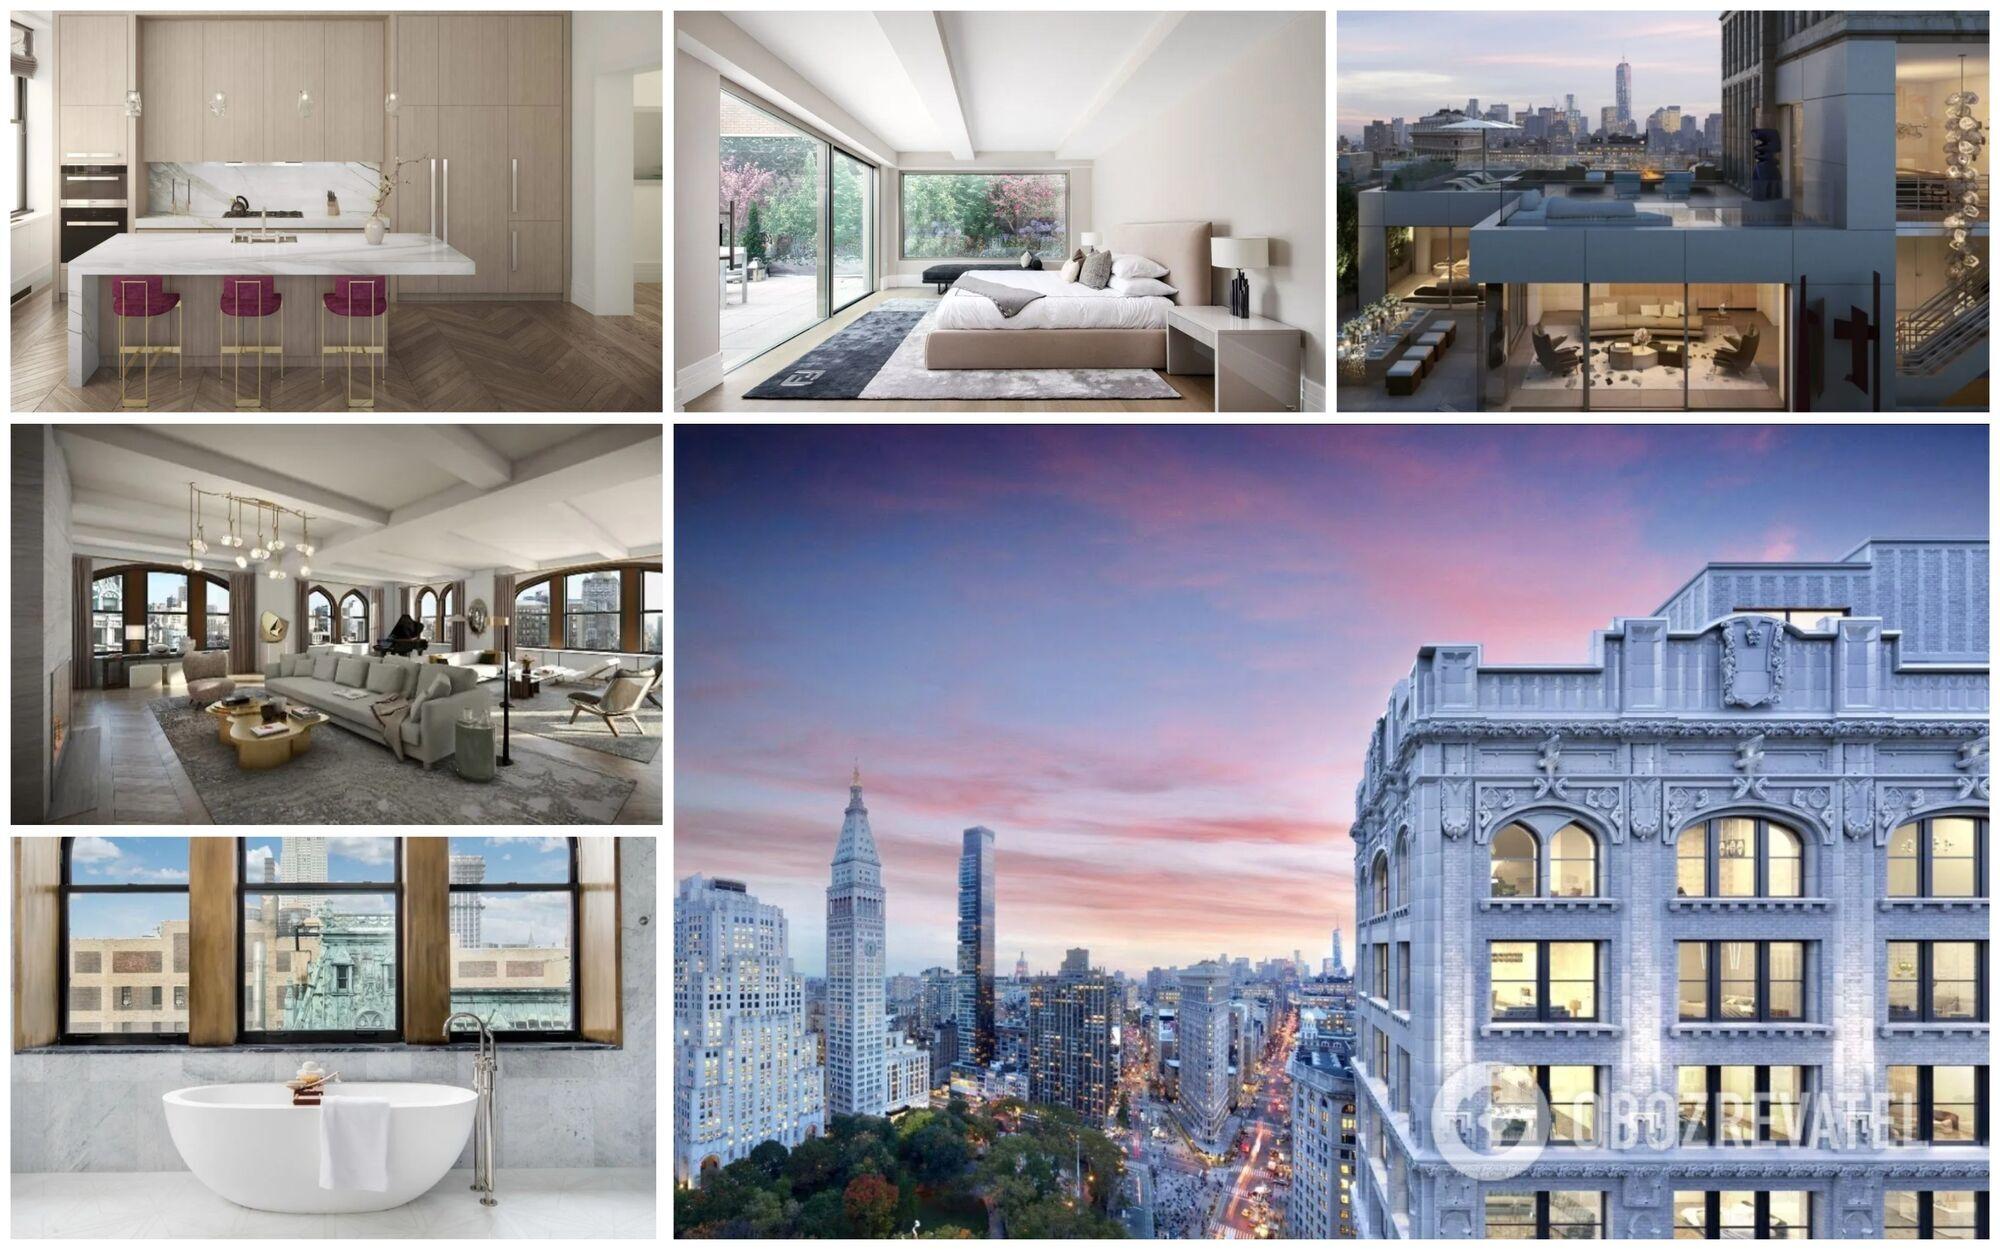 Джефф Безос живет в трехэтажном пентхаусе в центре Нью-Йорка